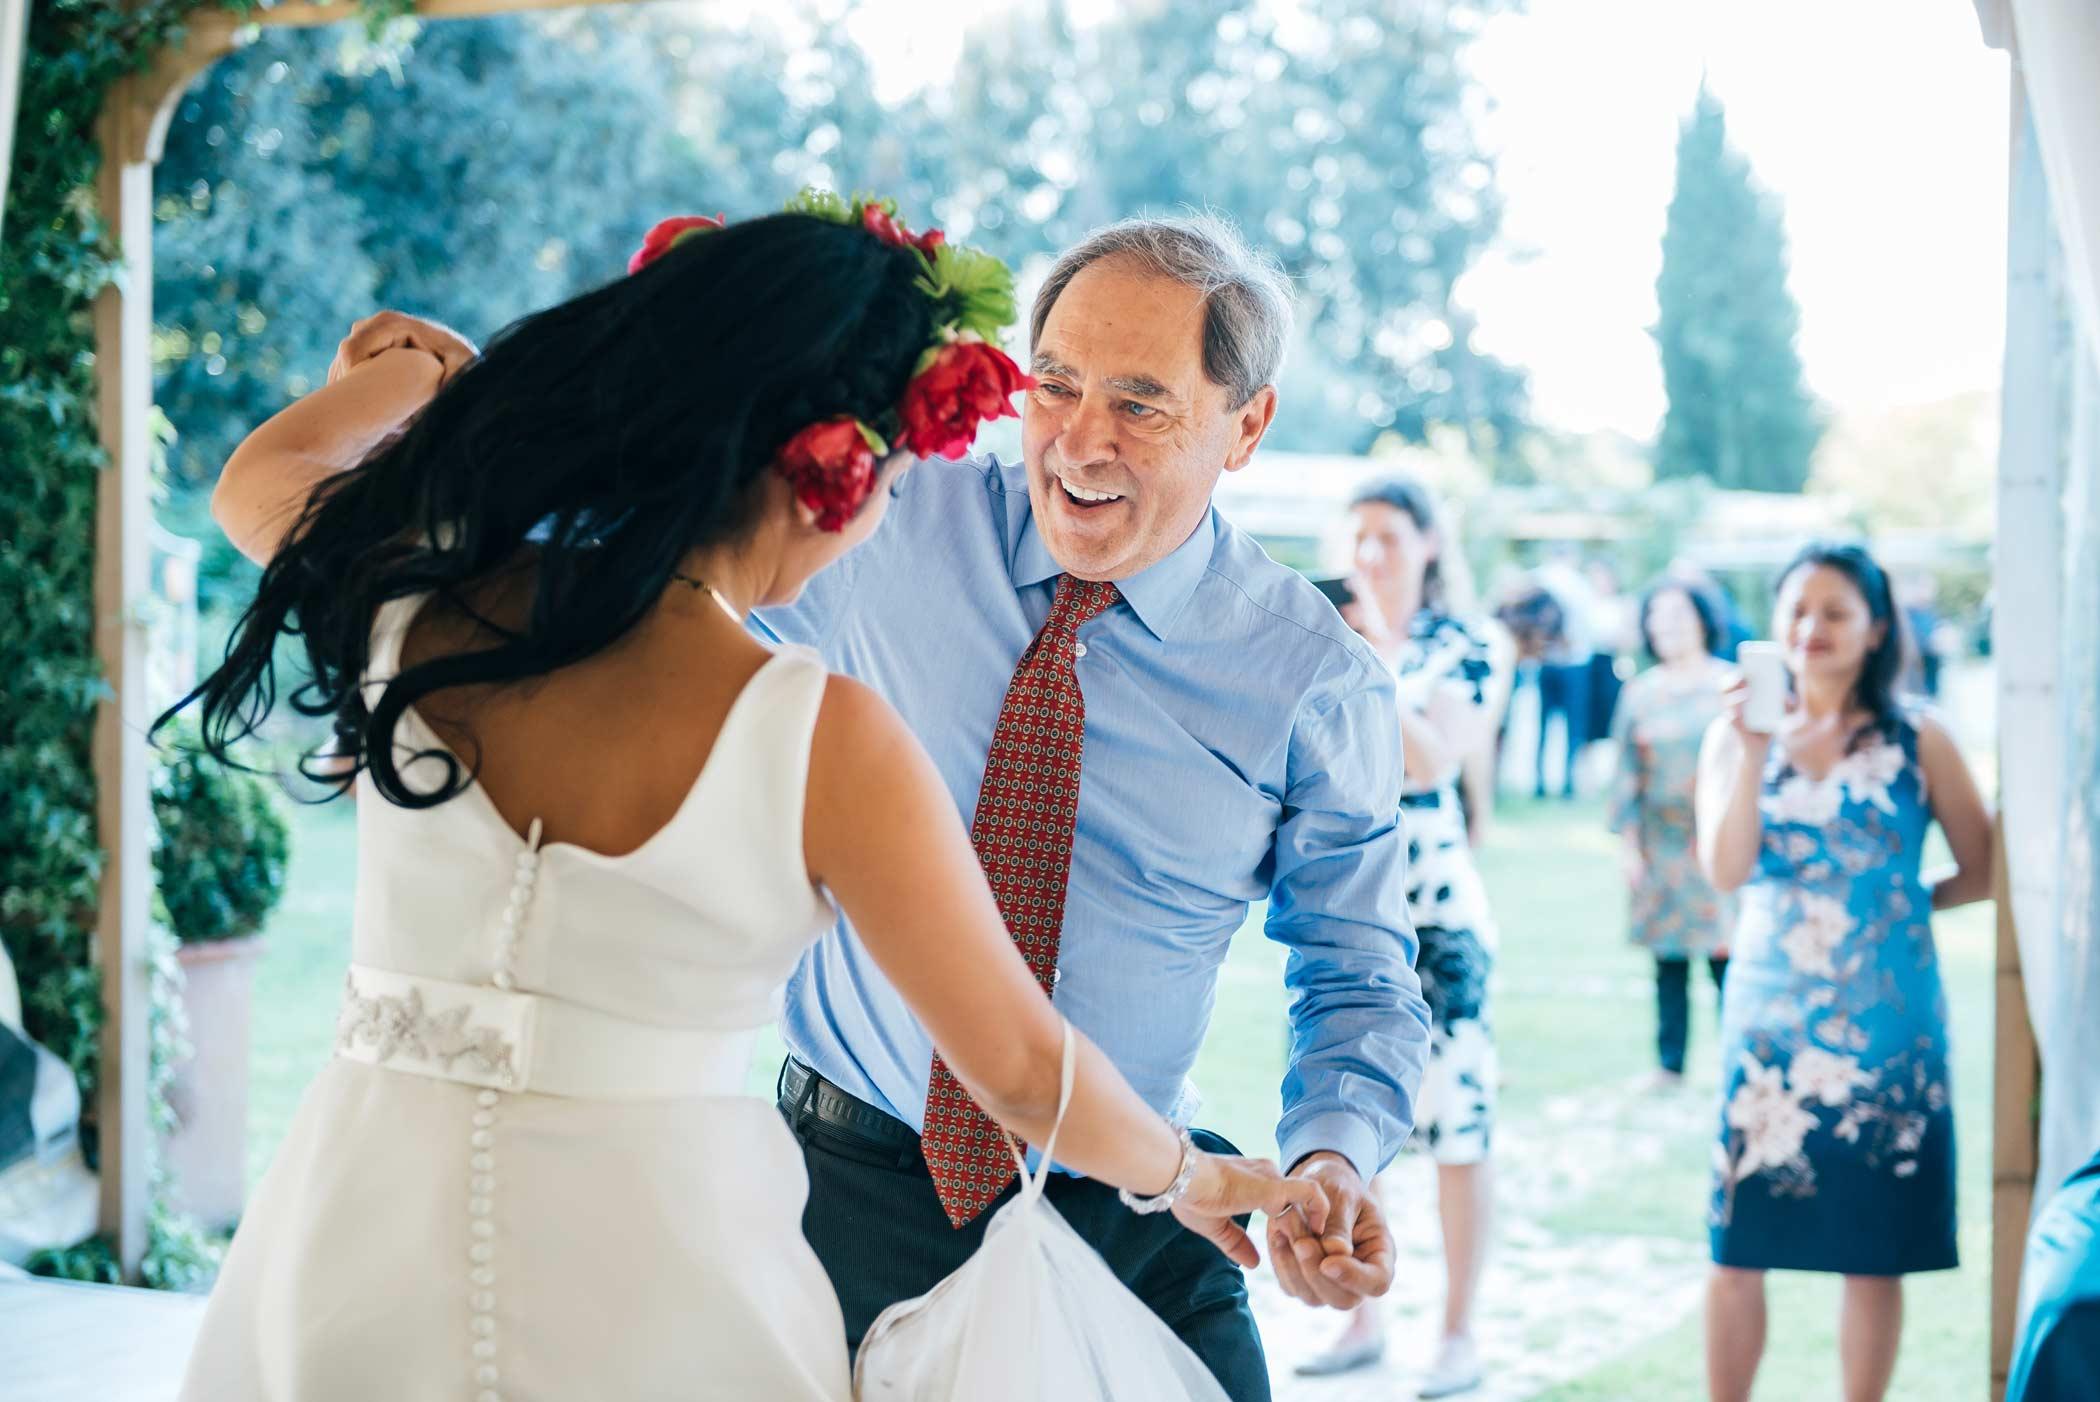 Reportage-Di-Matrimonio-Fotografo-Roma-Festa